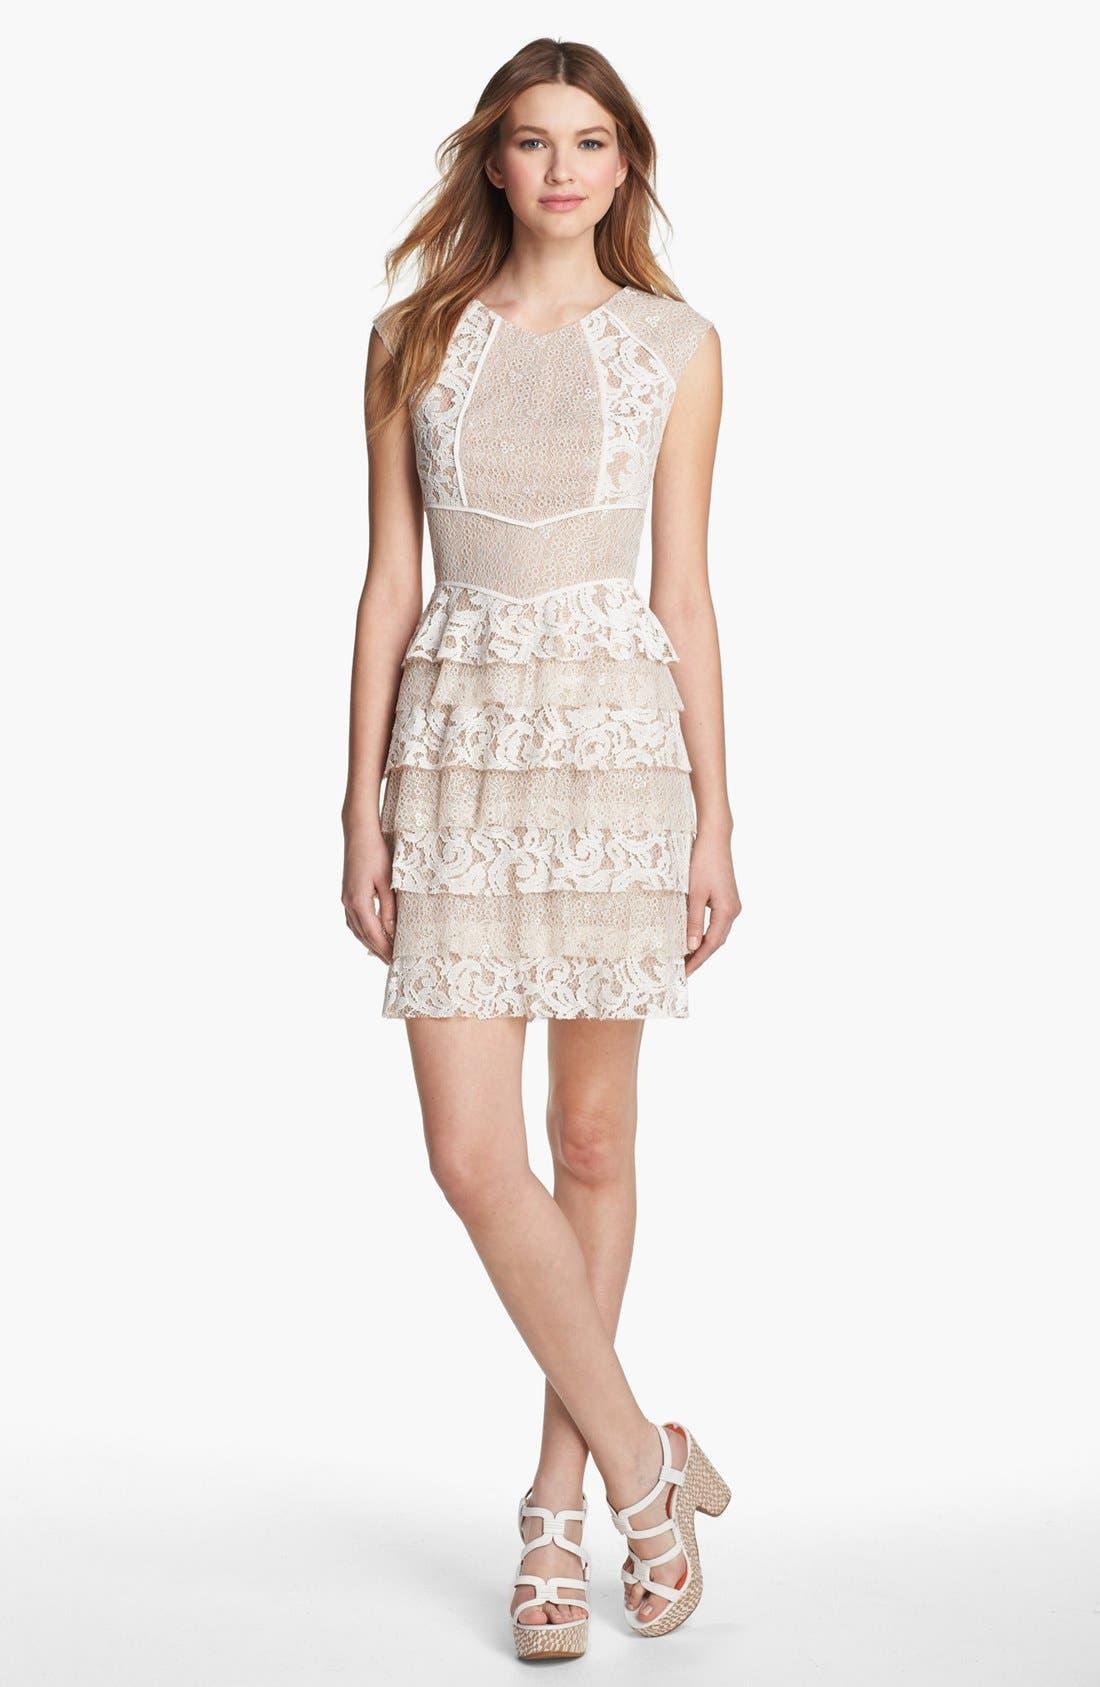 Main Image - BCBGMAXAZRIA Lace Panel Ruffle Dress (Petite)